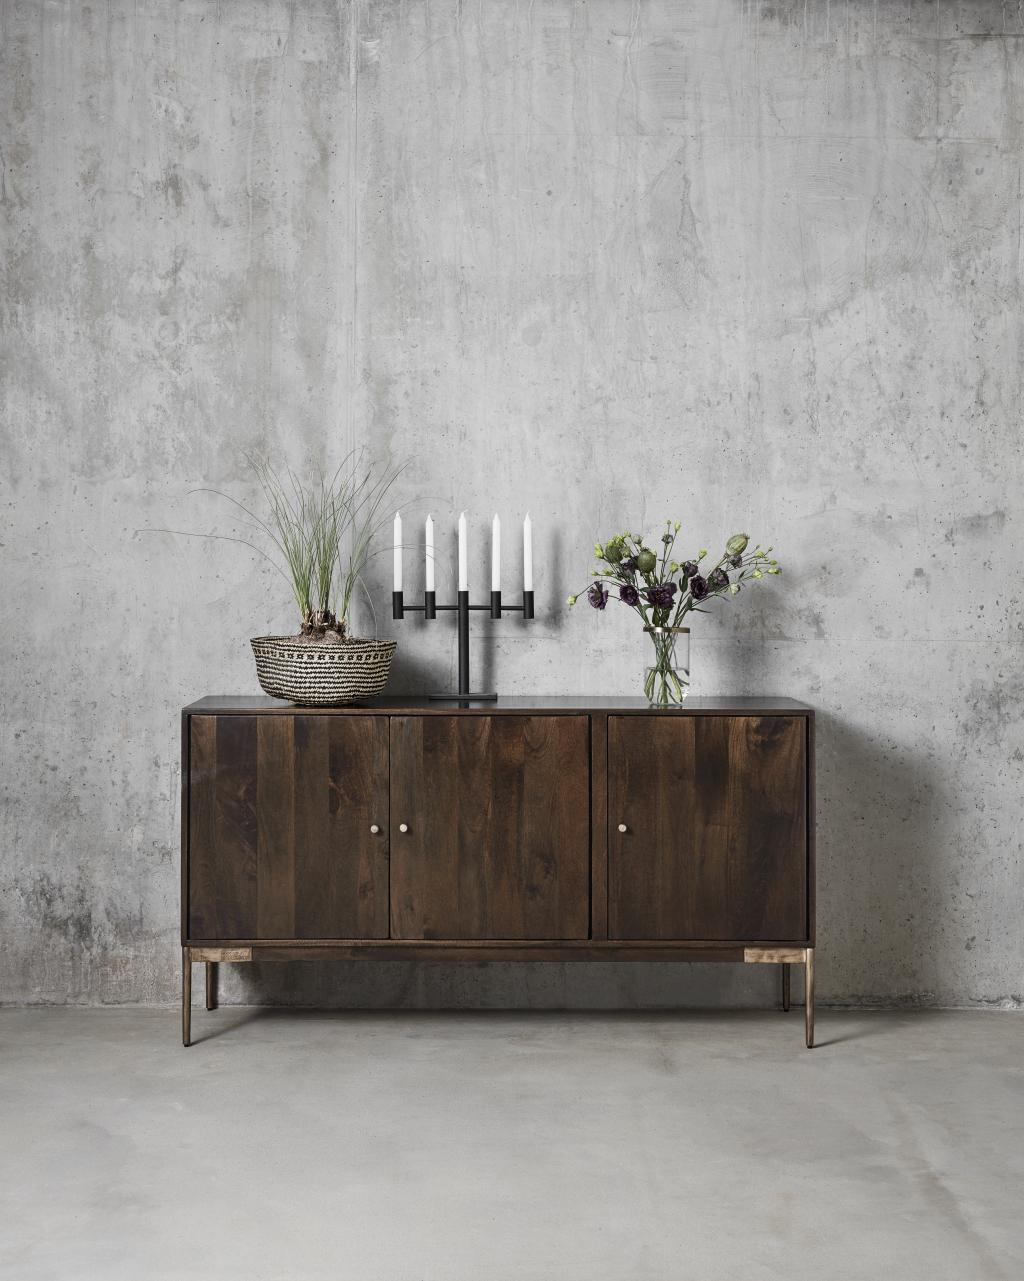 kerzenst nder metall schwarz 29x38 cm nordal. Black Bedroom Furniture Sets. Home Design Ideas